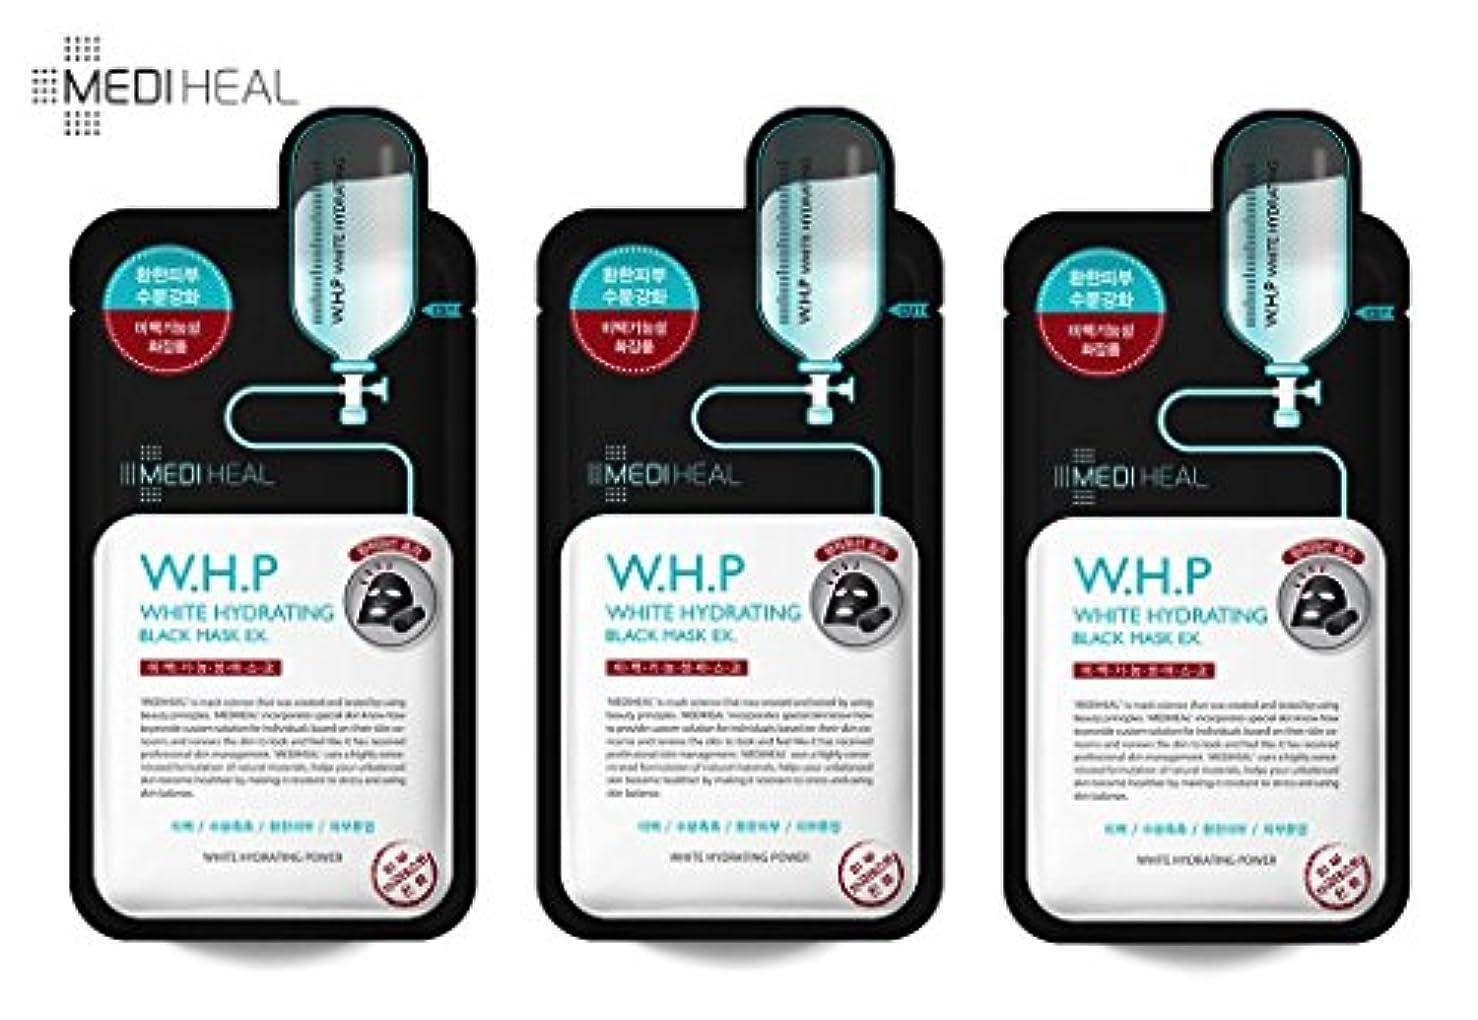 ディレクター改善遮る[本物] メディヒール Mediheal W.H.P 美白水分 ミネラル 炭 マスクパック (10枚) [並行輸入品]